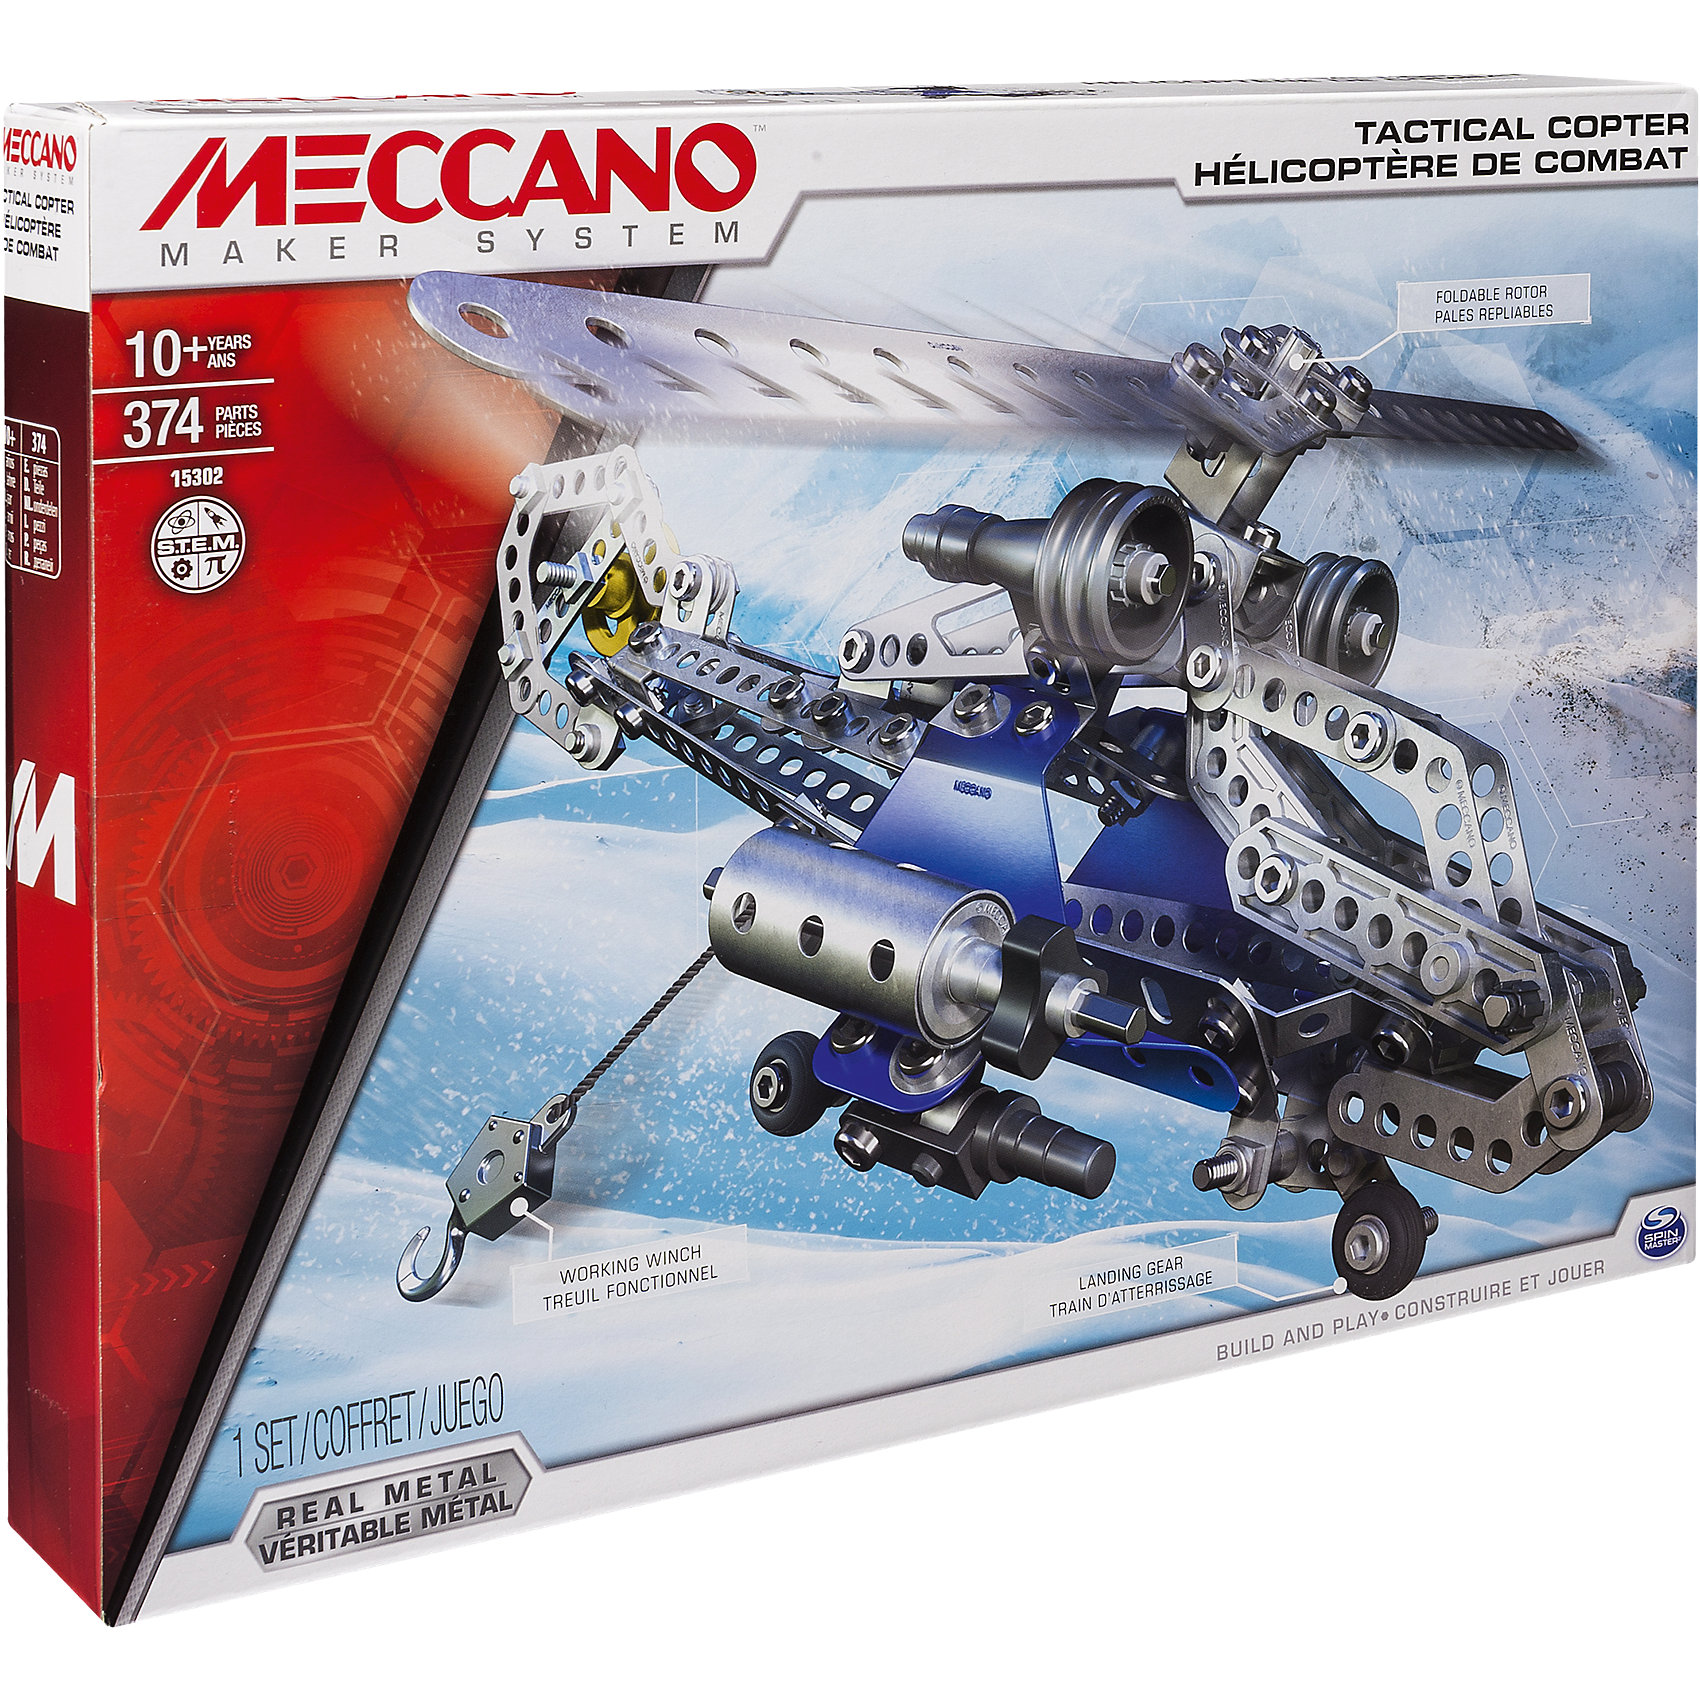 Боевой вертолёт (2 модели), MeccanoМеталлические конструкторы<br>Боевой вертолёт из серии Meccano Elite относится к конструкторам высокой сложности, с функциональными элементами, системой радиоуправления, световыми элементами и т.д. У боевого вертолёта вращаются лопасти винта, выдвигается шасси, с правого борта установлена настоящая лебёдка. Когда ребёнку надоест играть в него, он сможет собрать спортивный планер. Инструкция по сборке и все необходимые инструменты входят в комплект. Все детали конструктора отлиты из высококачественного сплава, на них отсутствуют острые грани и шероховатости.<br><br>Дополнительная информация:<br><br>- Материал: металл, пластик.<br>-  Набор состоит из 280 деталей.<br>- Лопасти винта вращаются.<br>- Лебедка.<br>- Шасси выдвигаются.<br>- Размер упаковки: 40 х 6 х 30 см.<br><br>Боевой вертолёт (2 модели), Meccano (Меккано), можно купить в нашем магазине.<br><br>Ширина мм: 406<br>Глубина мм: 302<br>Высота мм: 68<br>Вес г: 741<br>Возраст от месяцев: 120<br>Возраст до месяцев: 192<br>Пол: Мужской<br>Возраст: Детский<br>SKU: 4278442